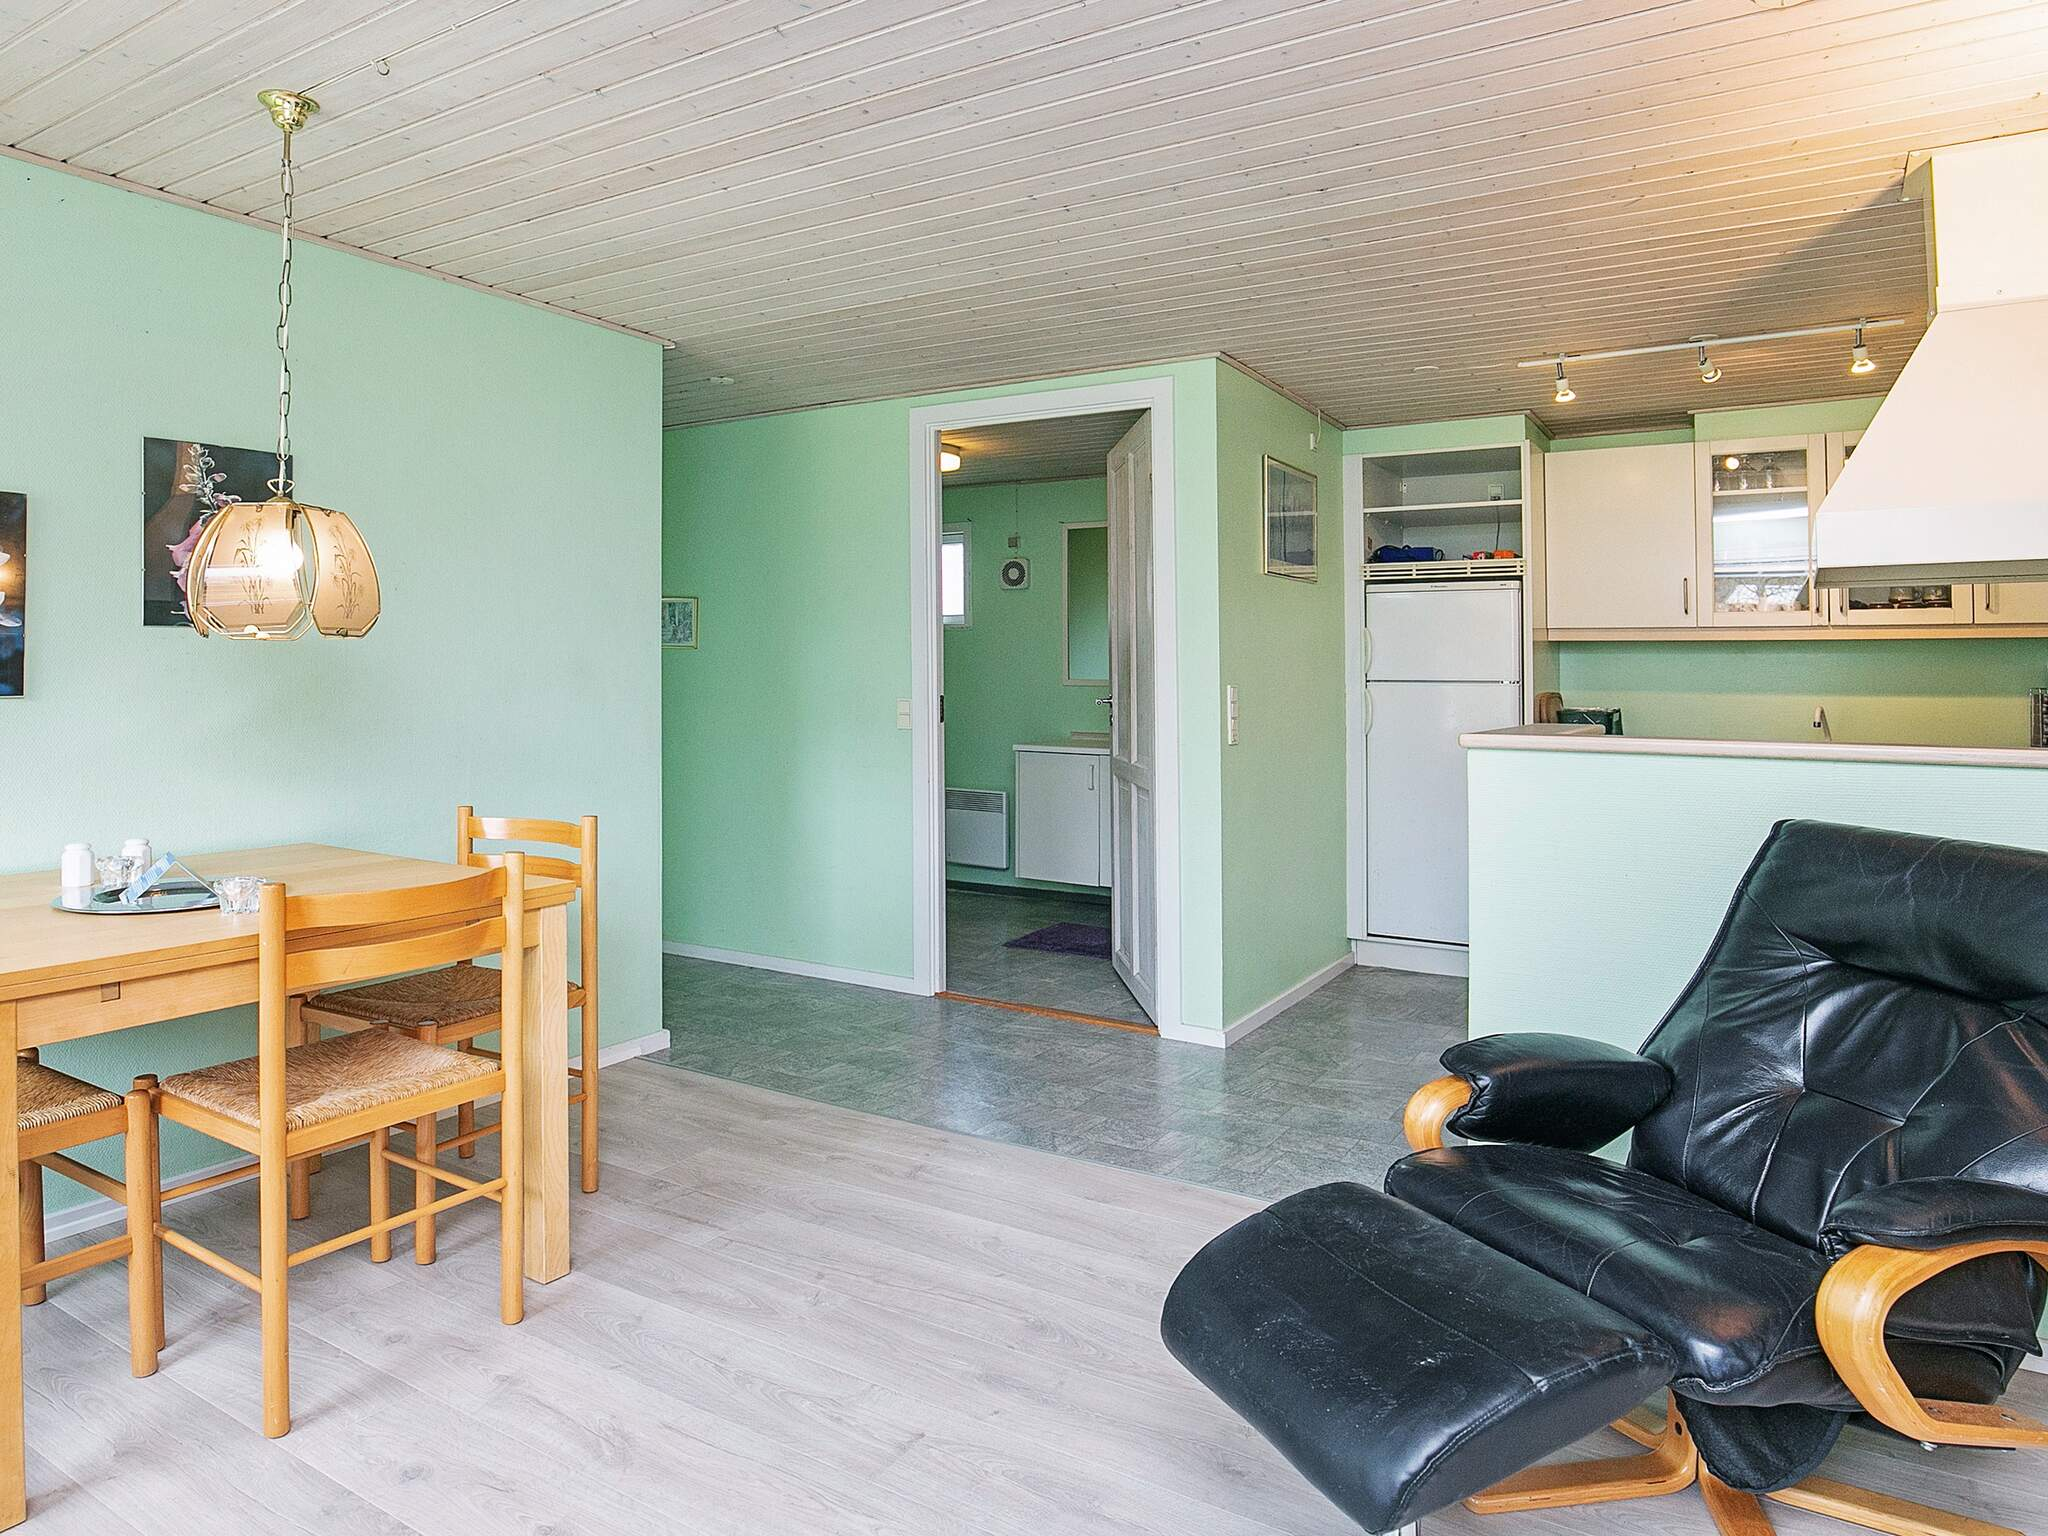 Ferienhaus Ulvshale (87319), Stege, , Møn, Dänemark, Bild 3